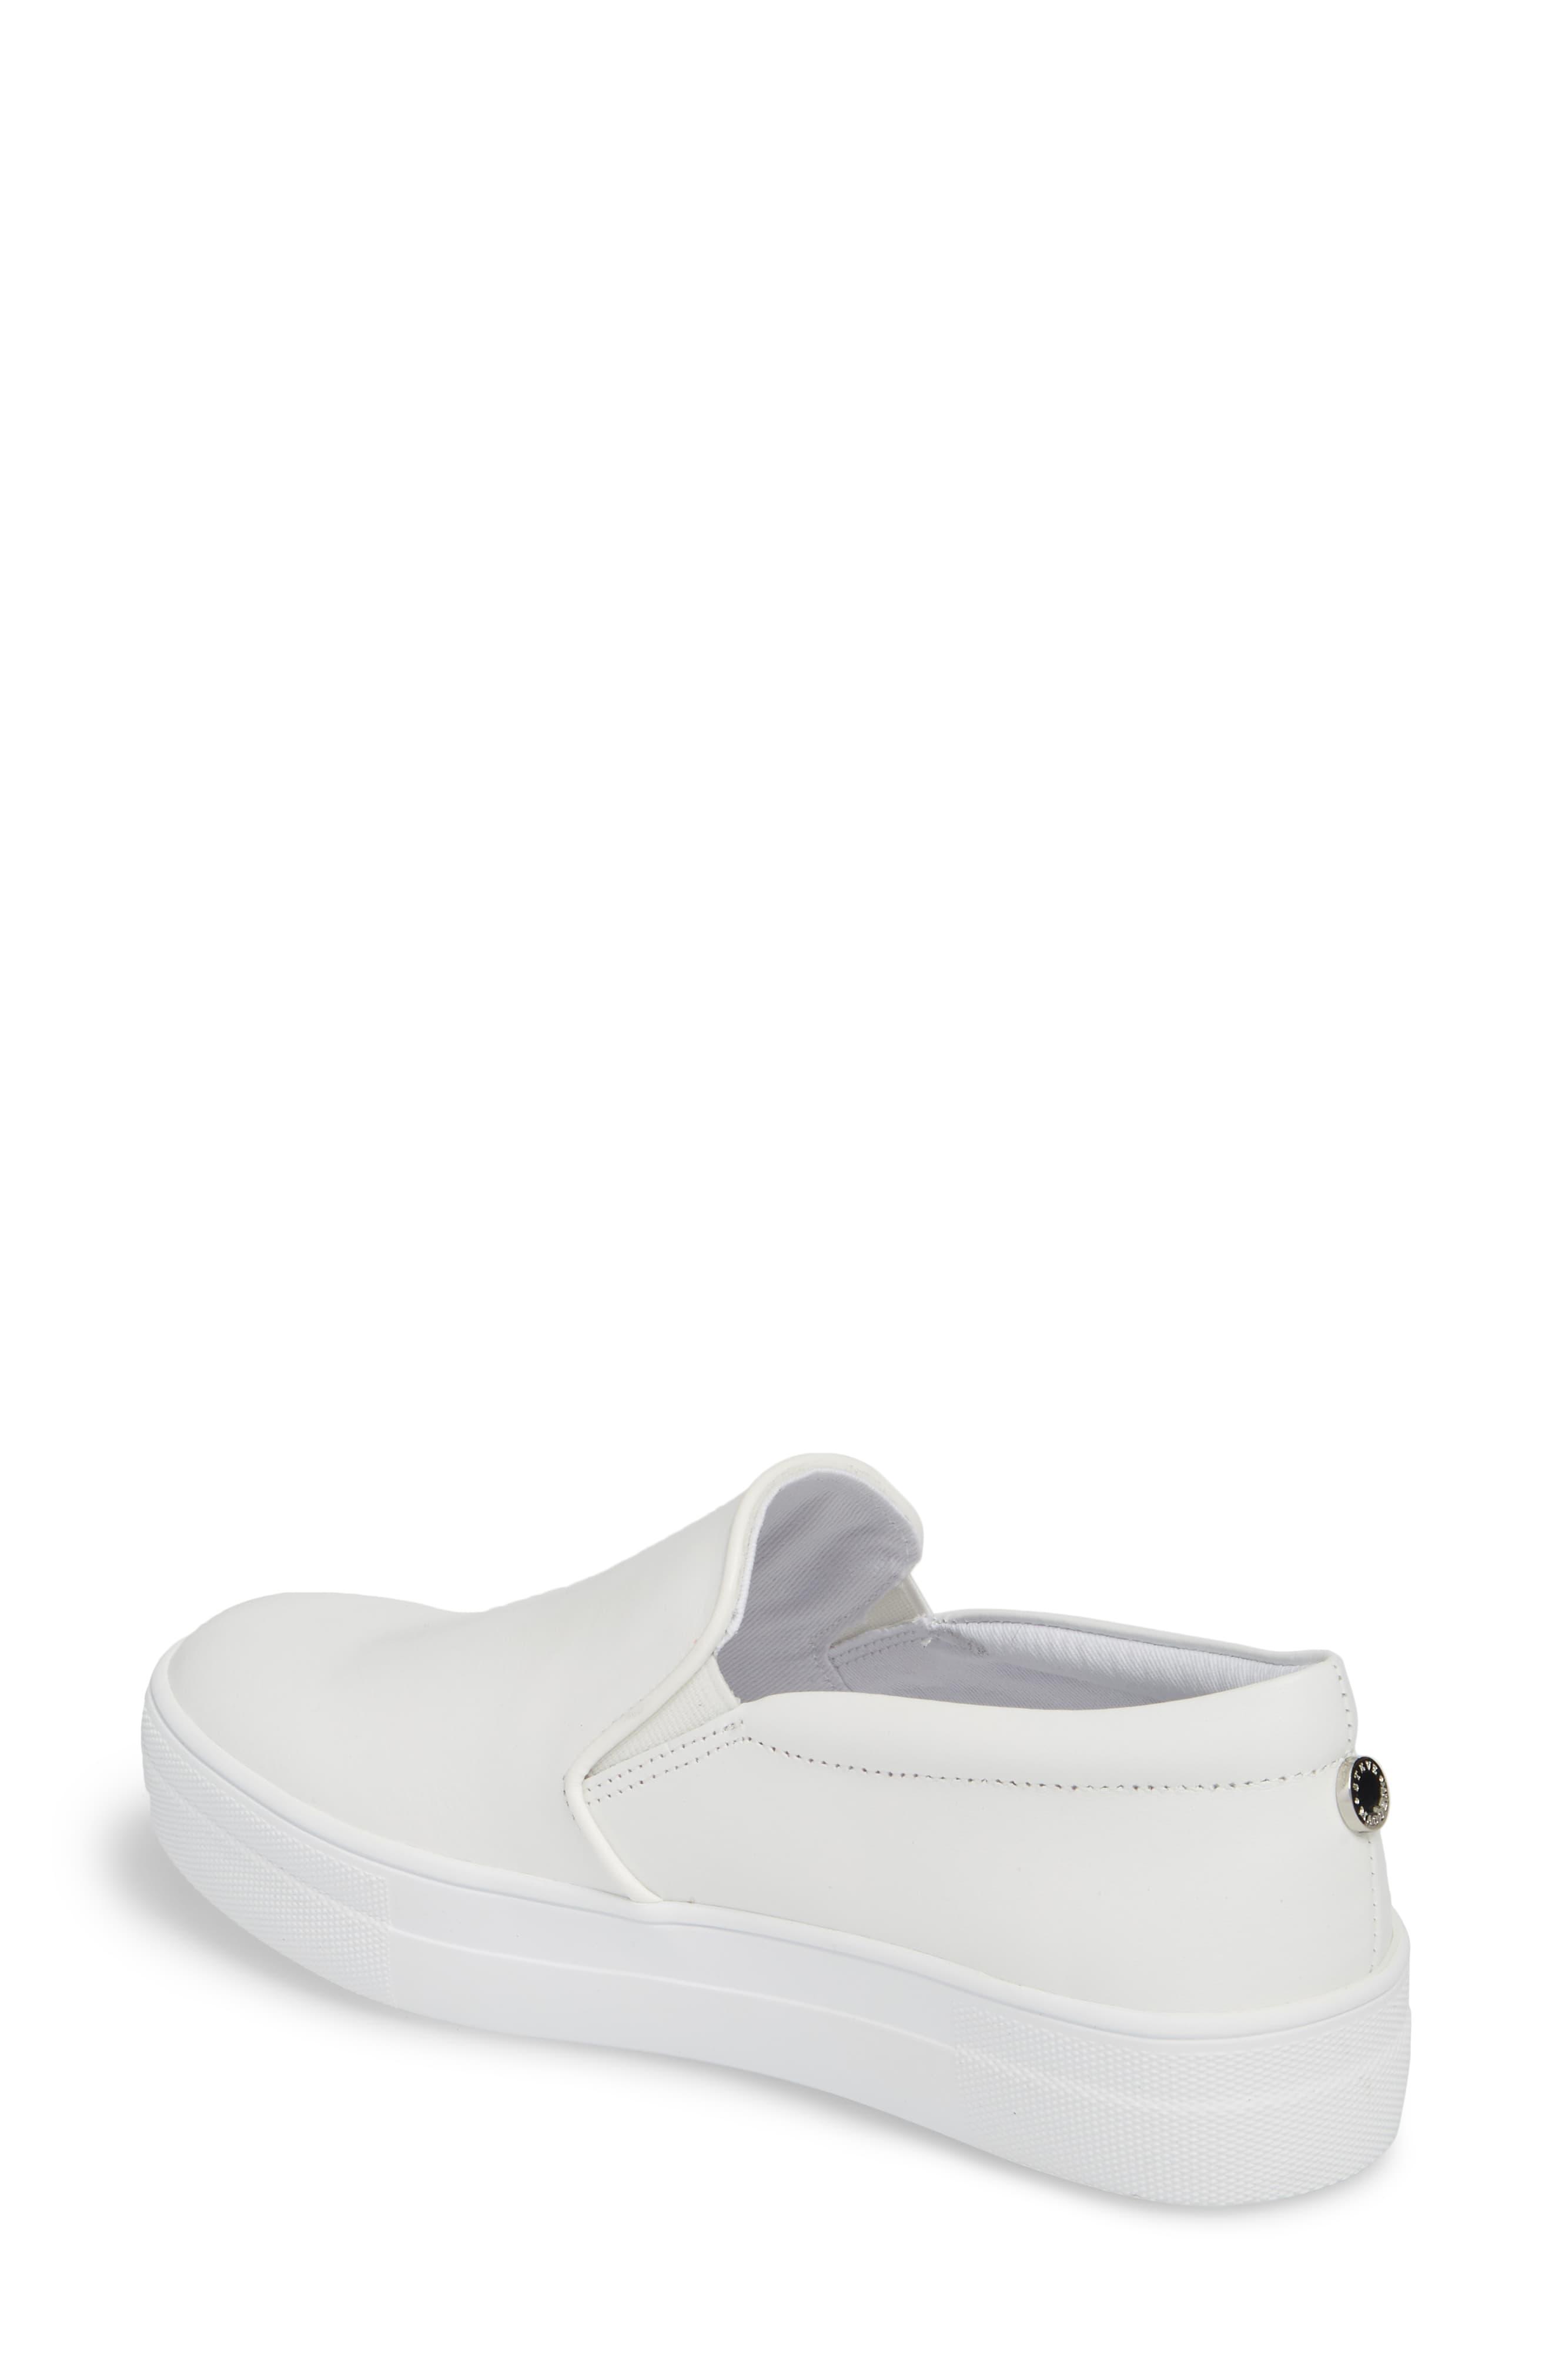 a1792fe1bb8 Women's Gills Platform Slip-on Sneaker